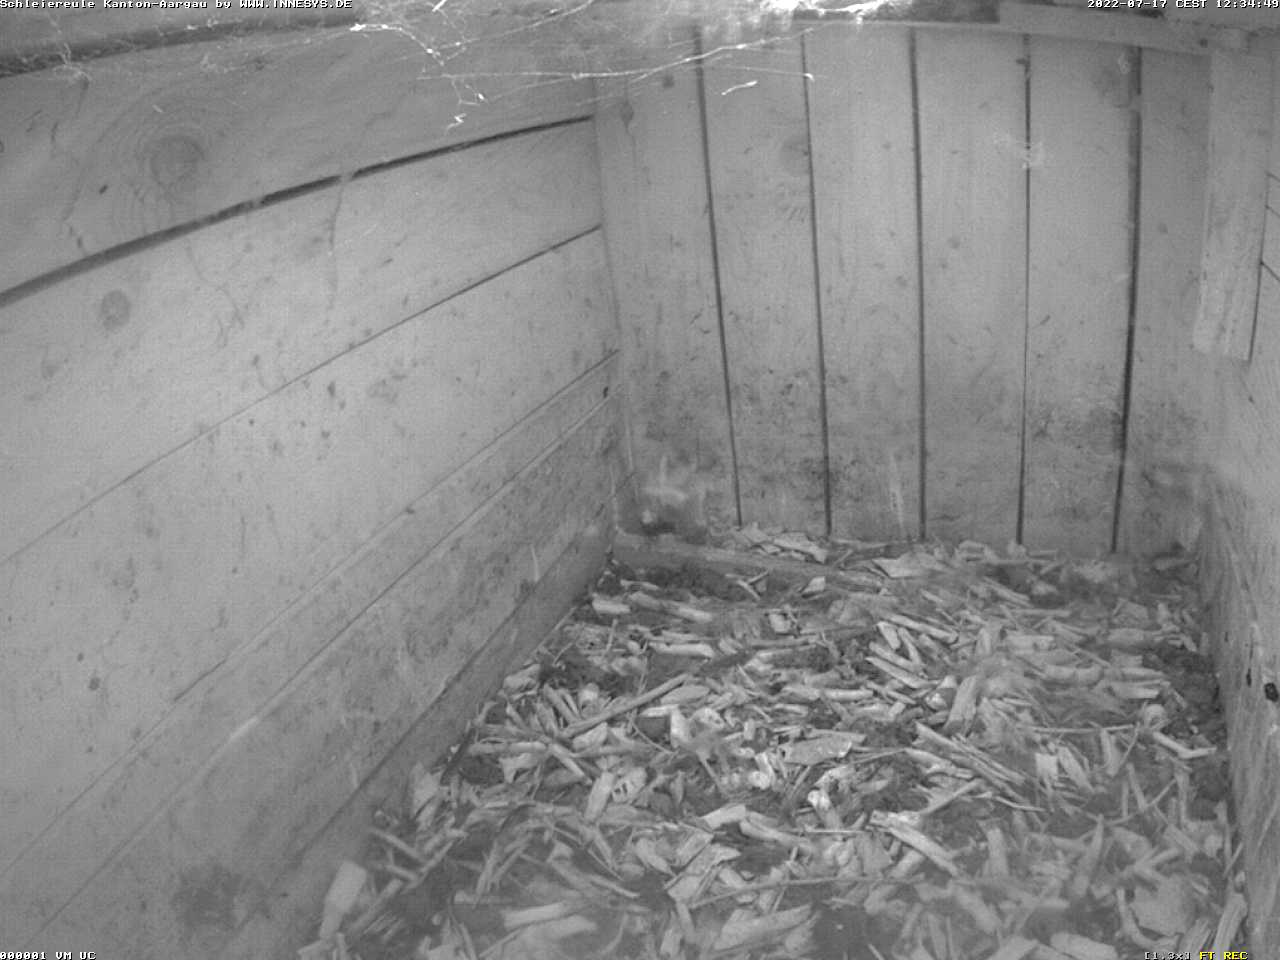 Die Webcam überträgt ein Bild aus dem Schleiereulen-Brutkasten. Das Bild aktualisiert alle 5 Sekunden.